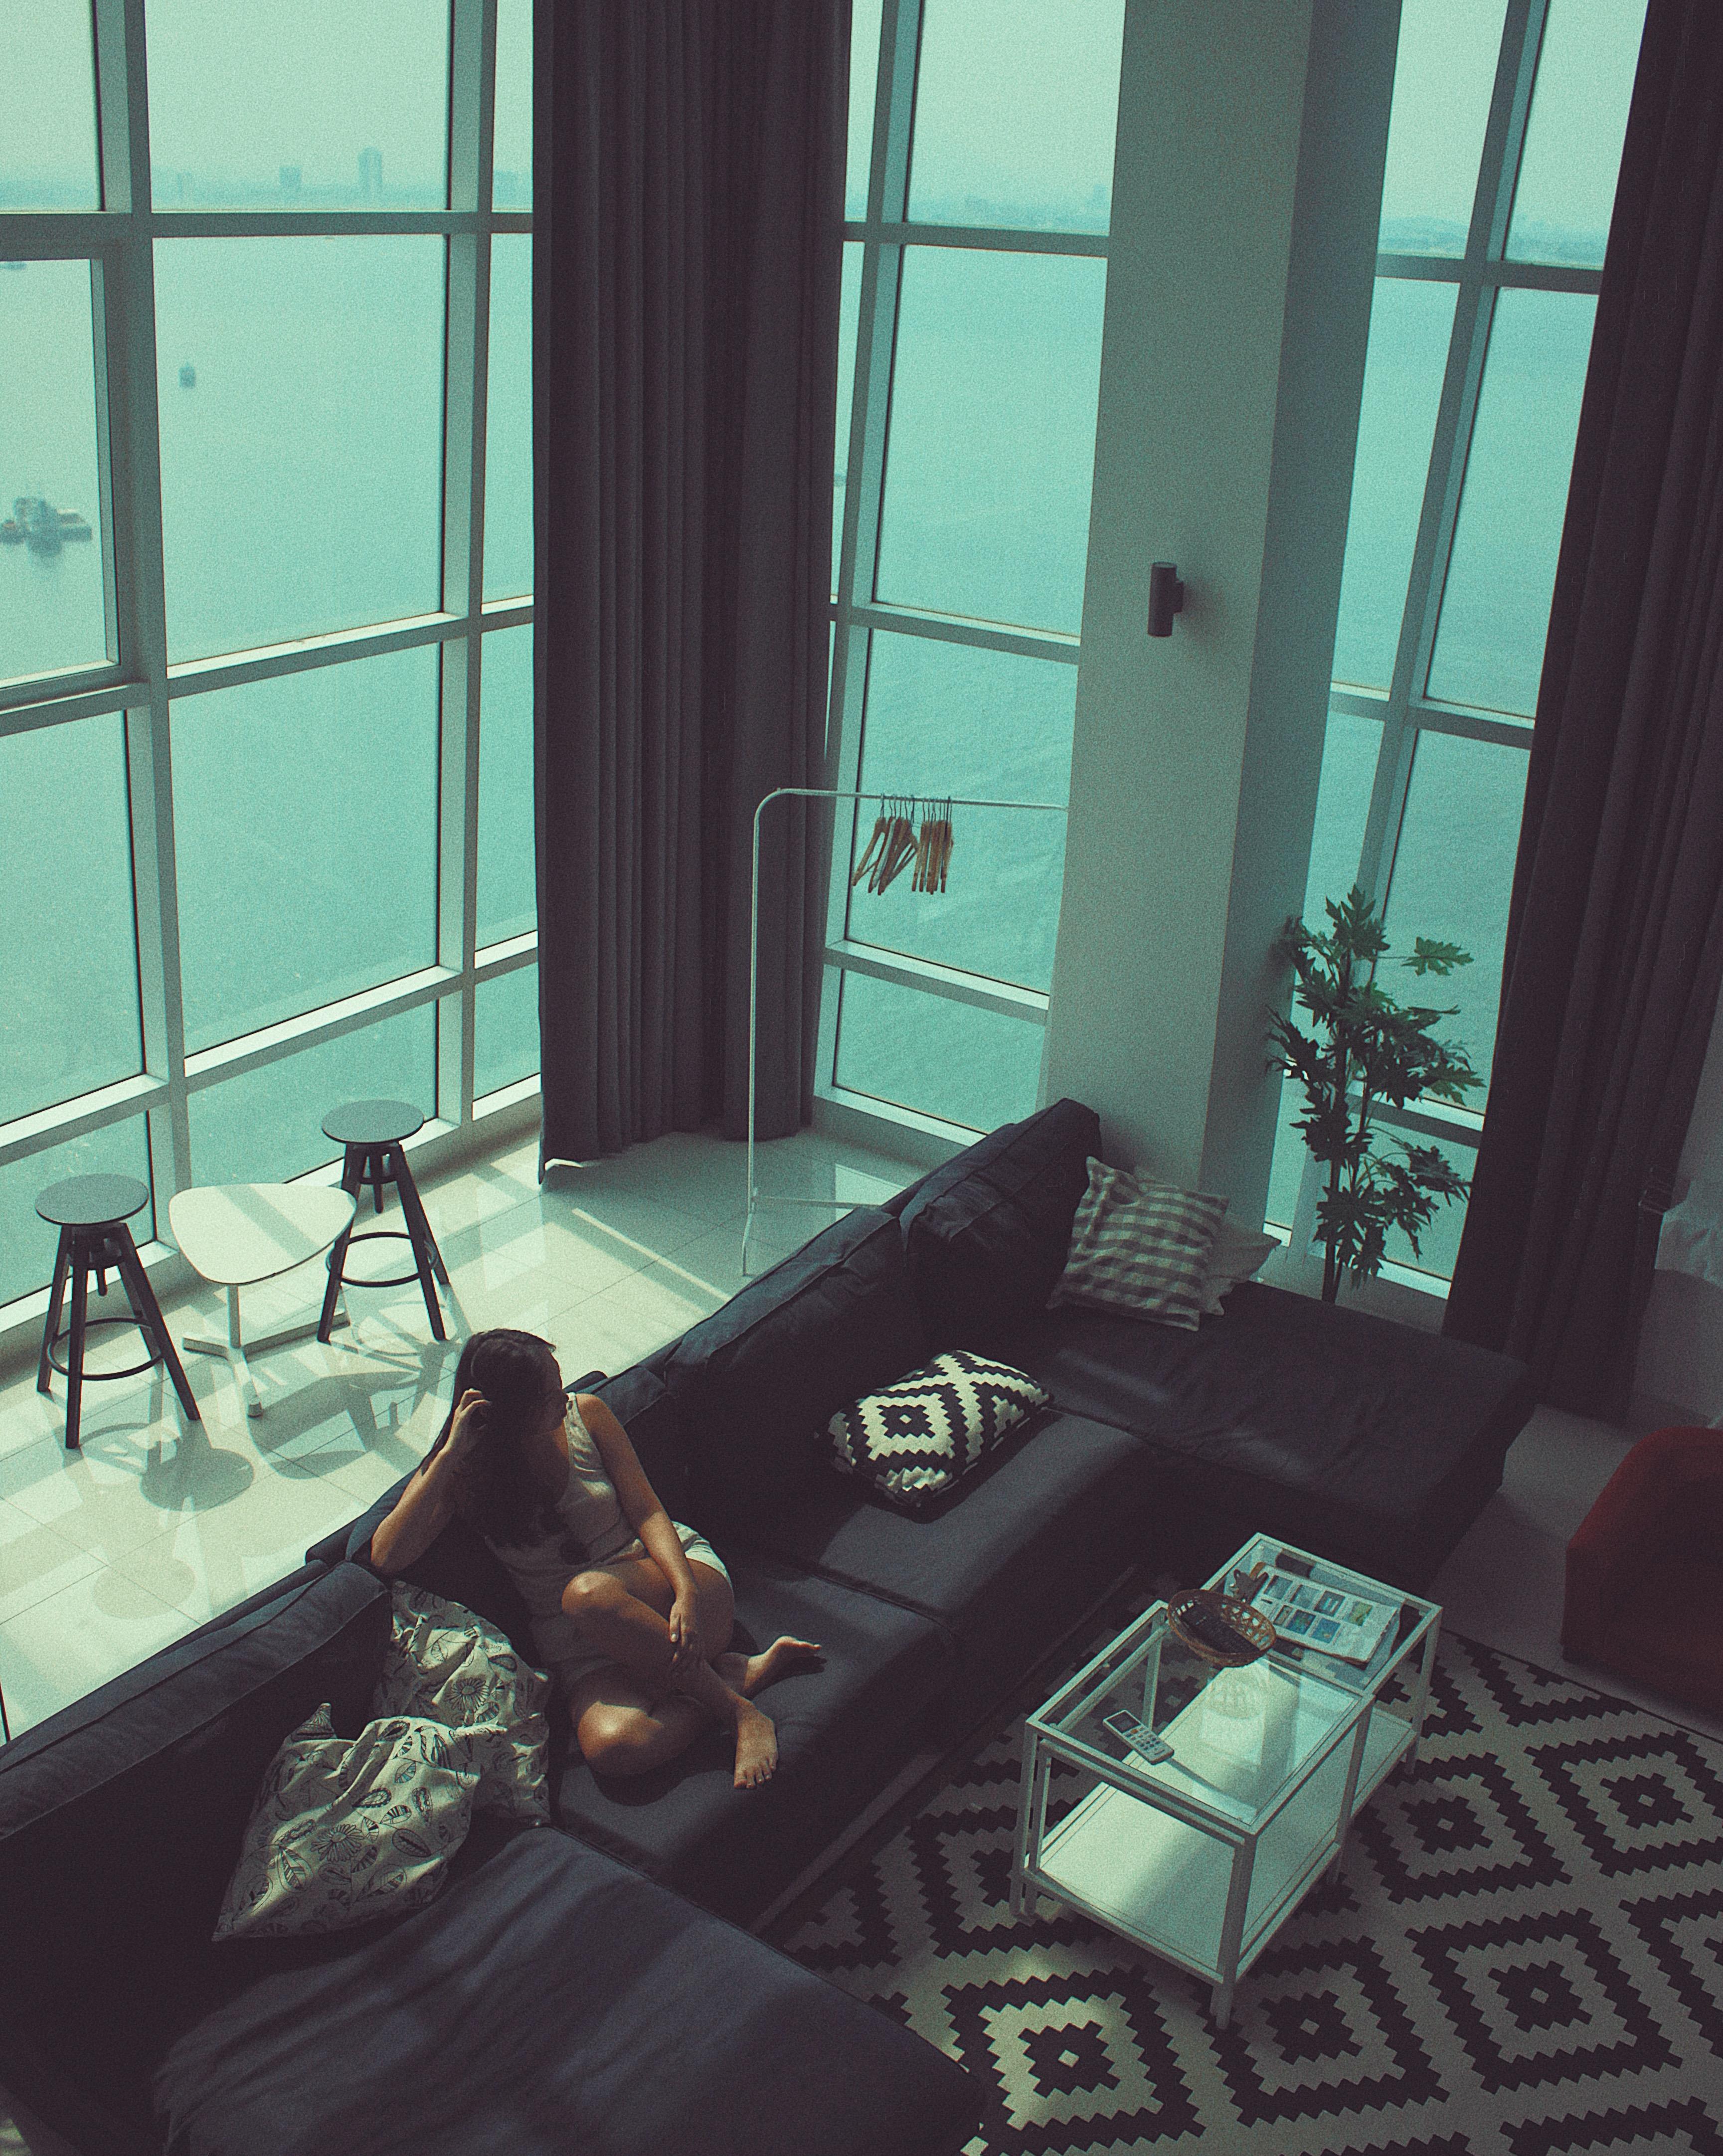 ペナン 安い宿 airbnb ジョージタウン コンド 綺麗